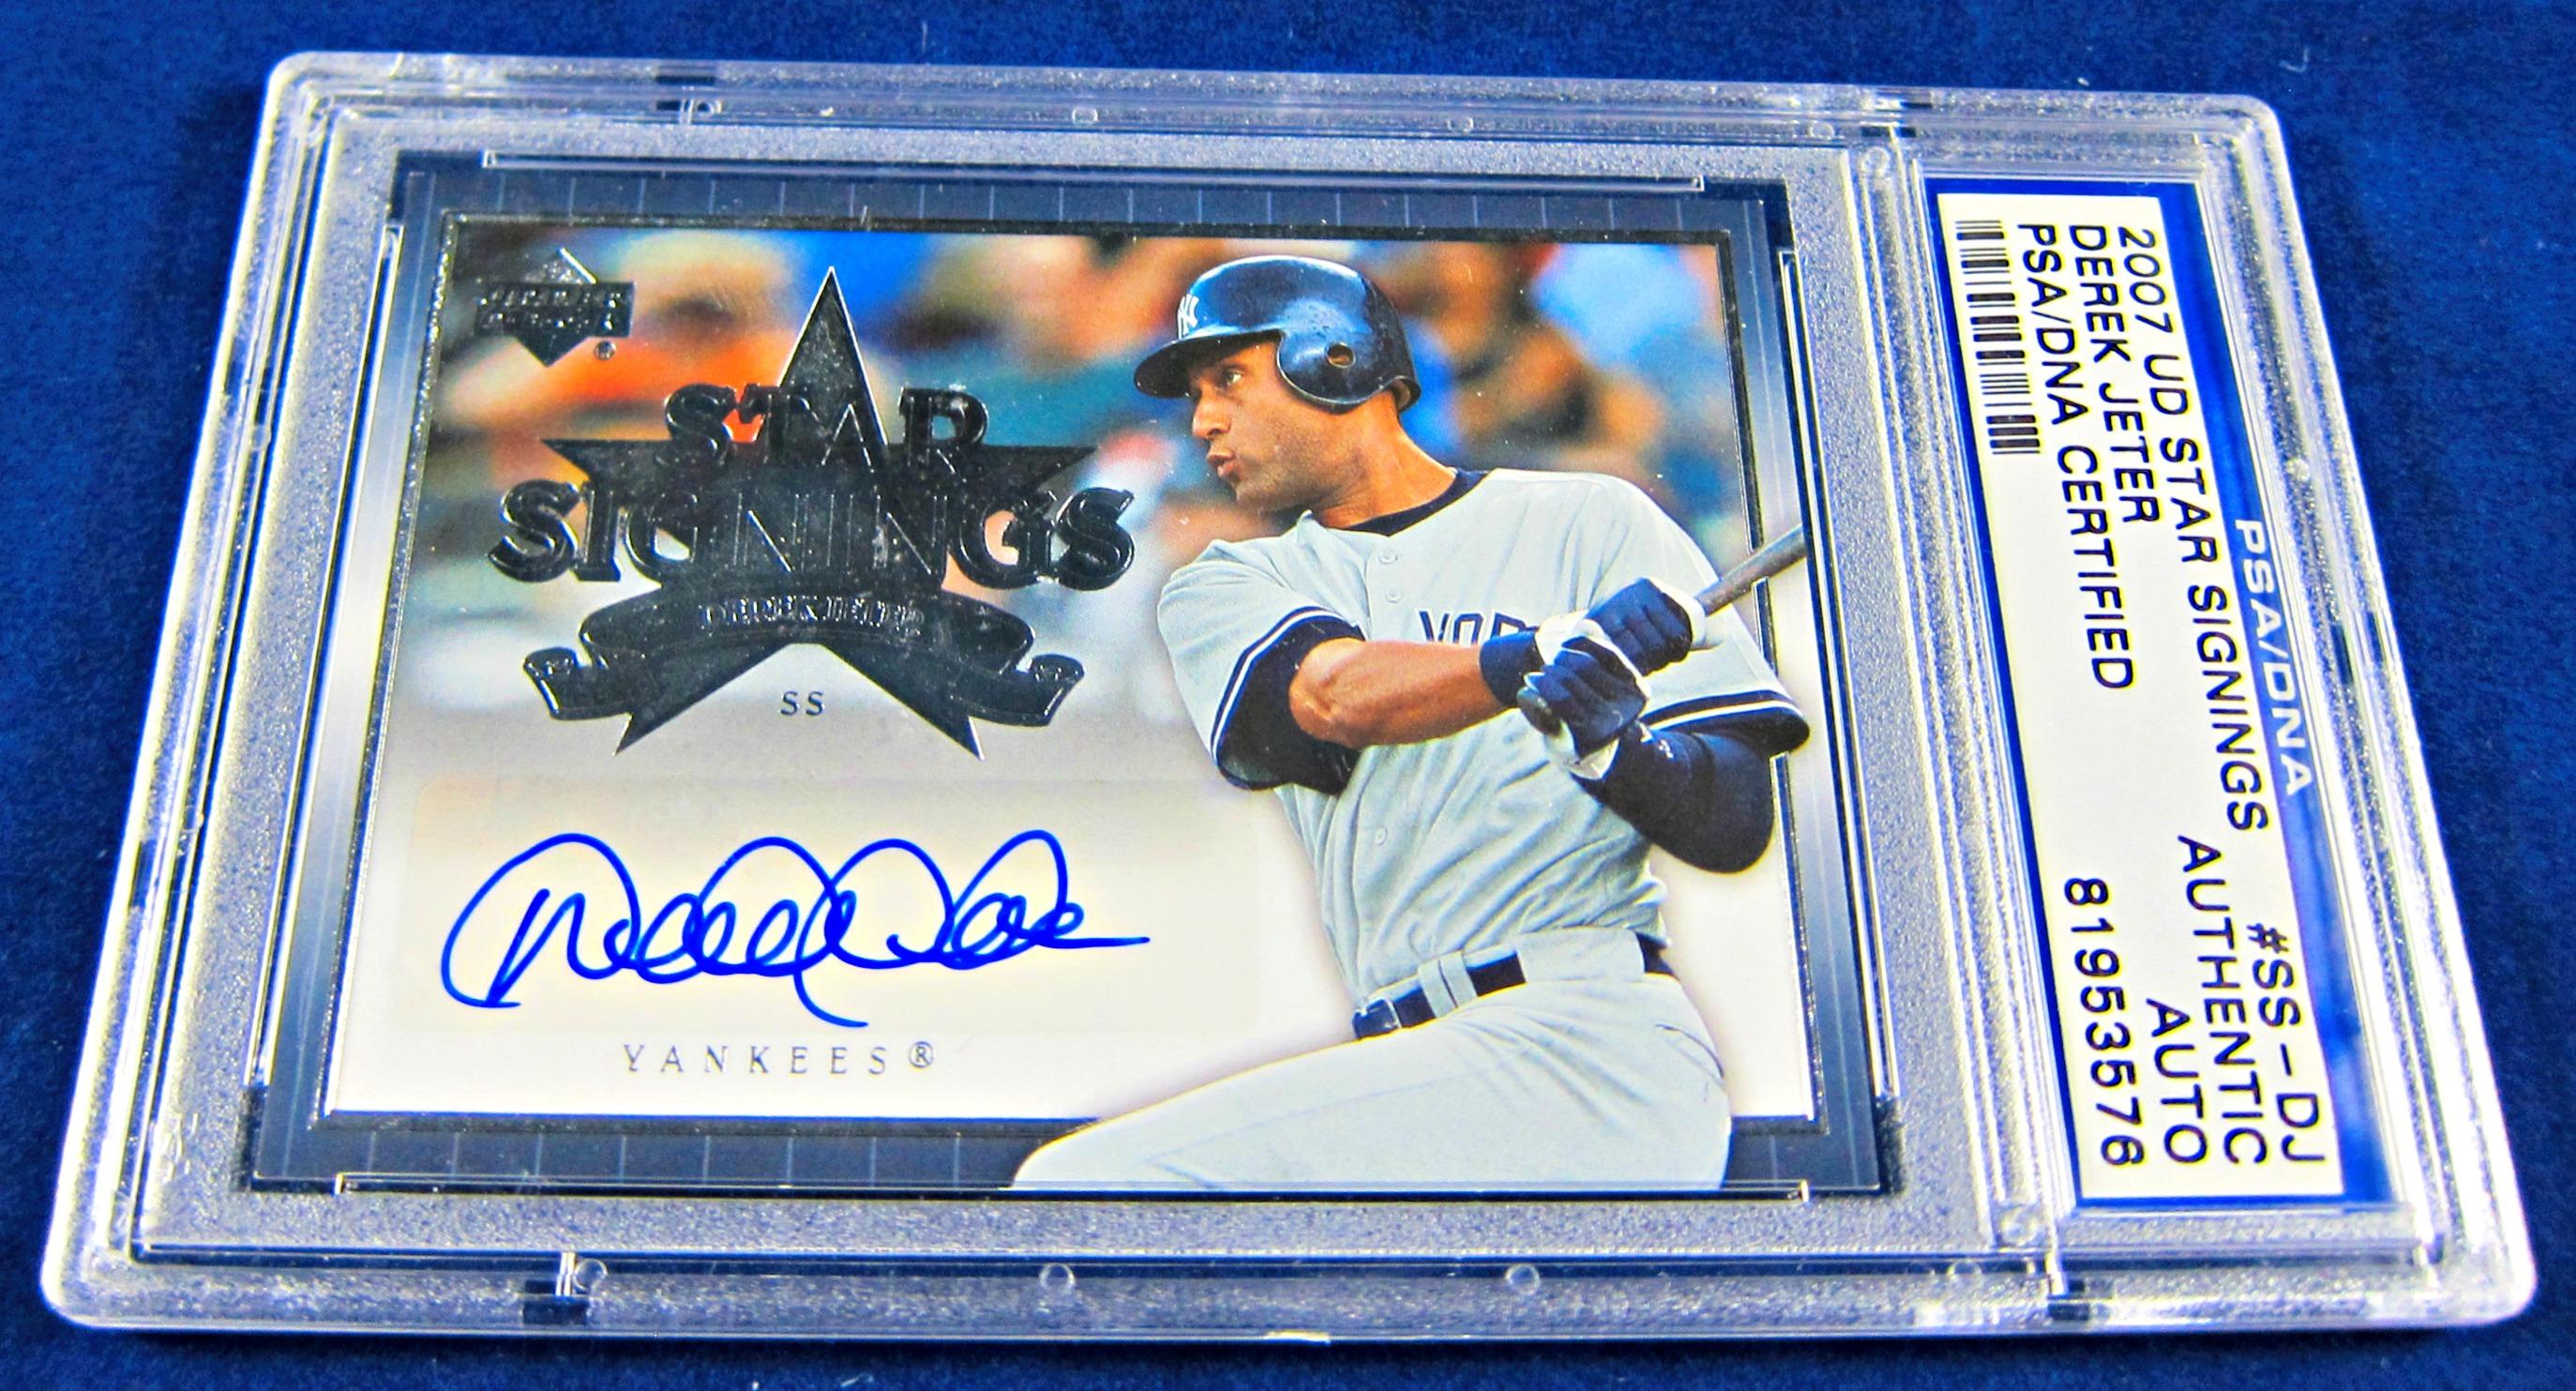 2007 Derek Jeter Autographed Upper Deck Star Signings Psadna Card